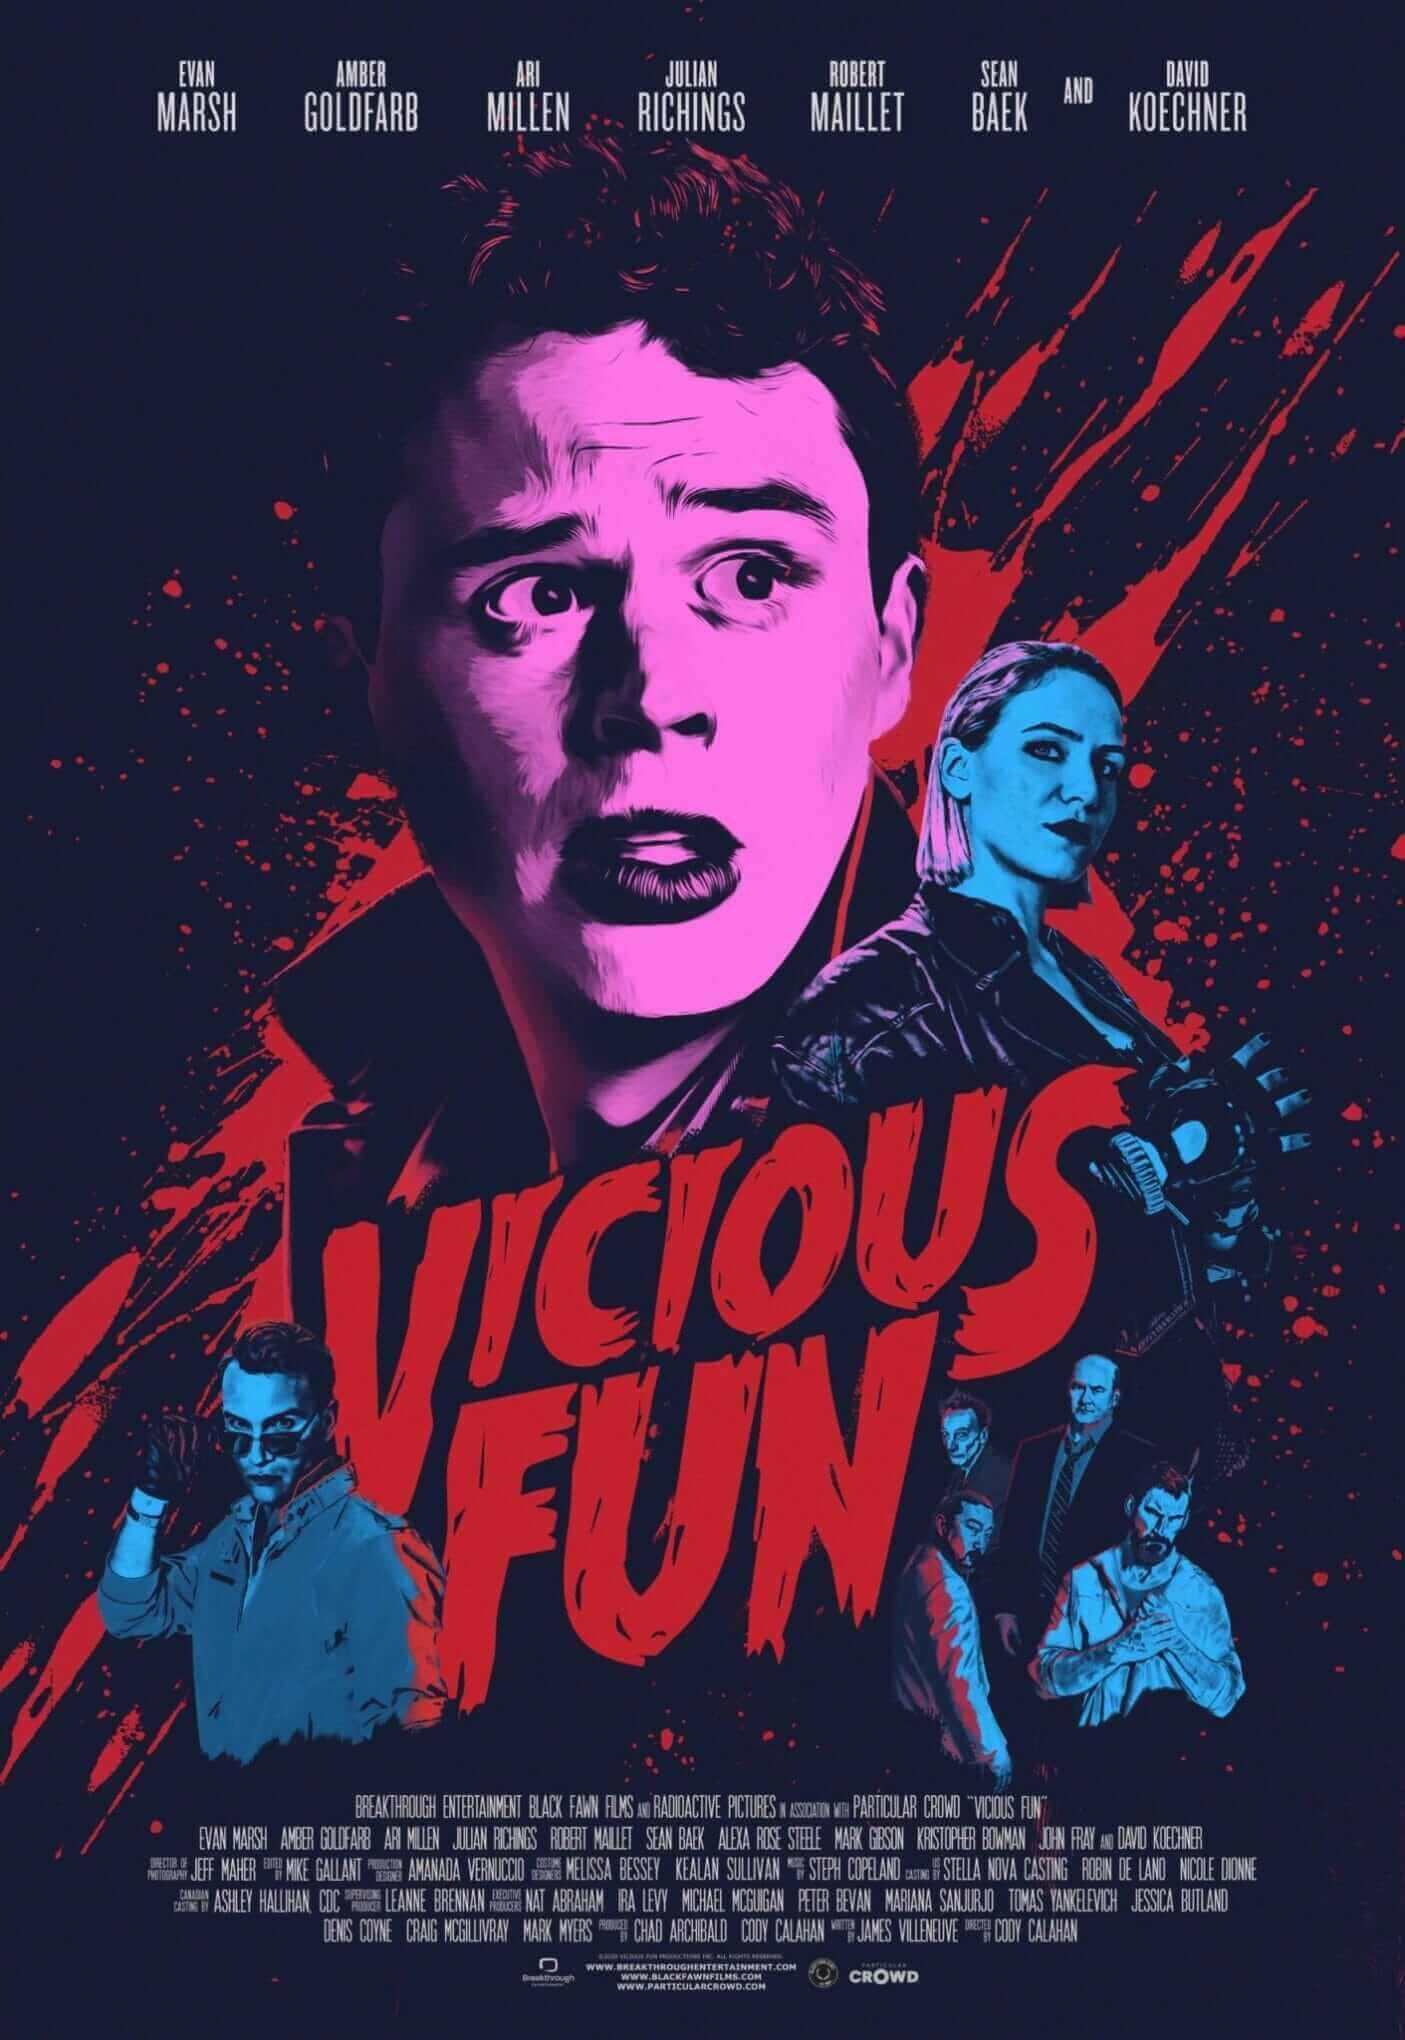 Vicious-Fun-Poster-2021